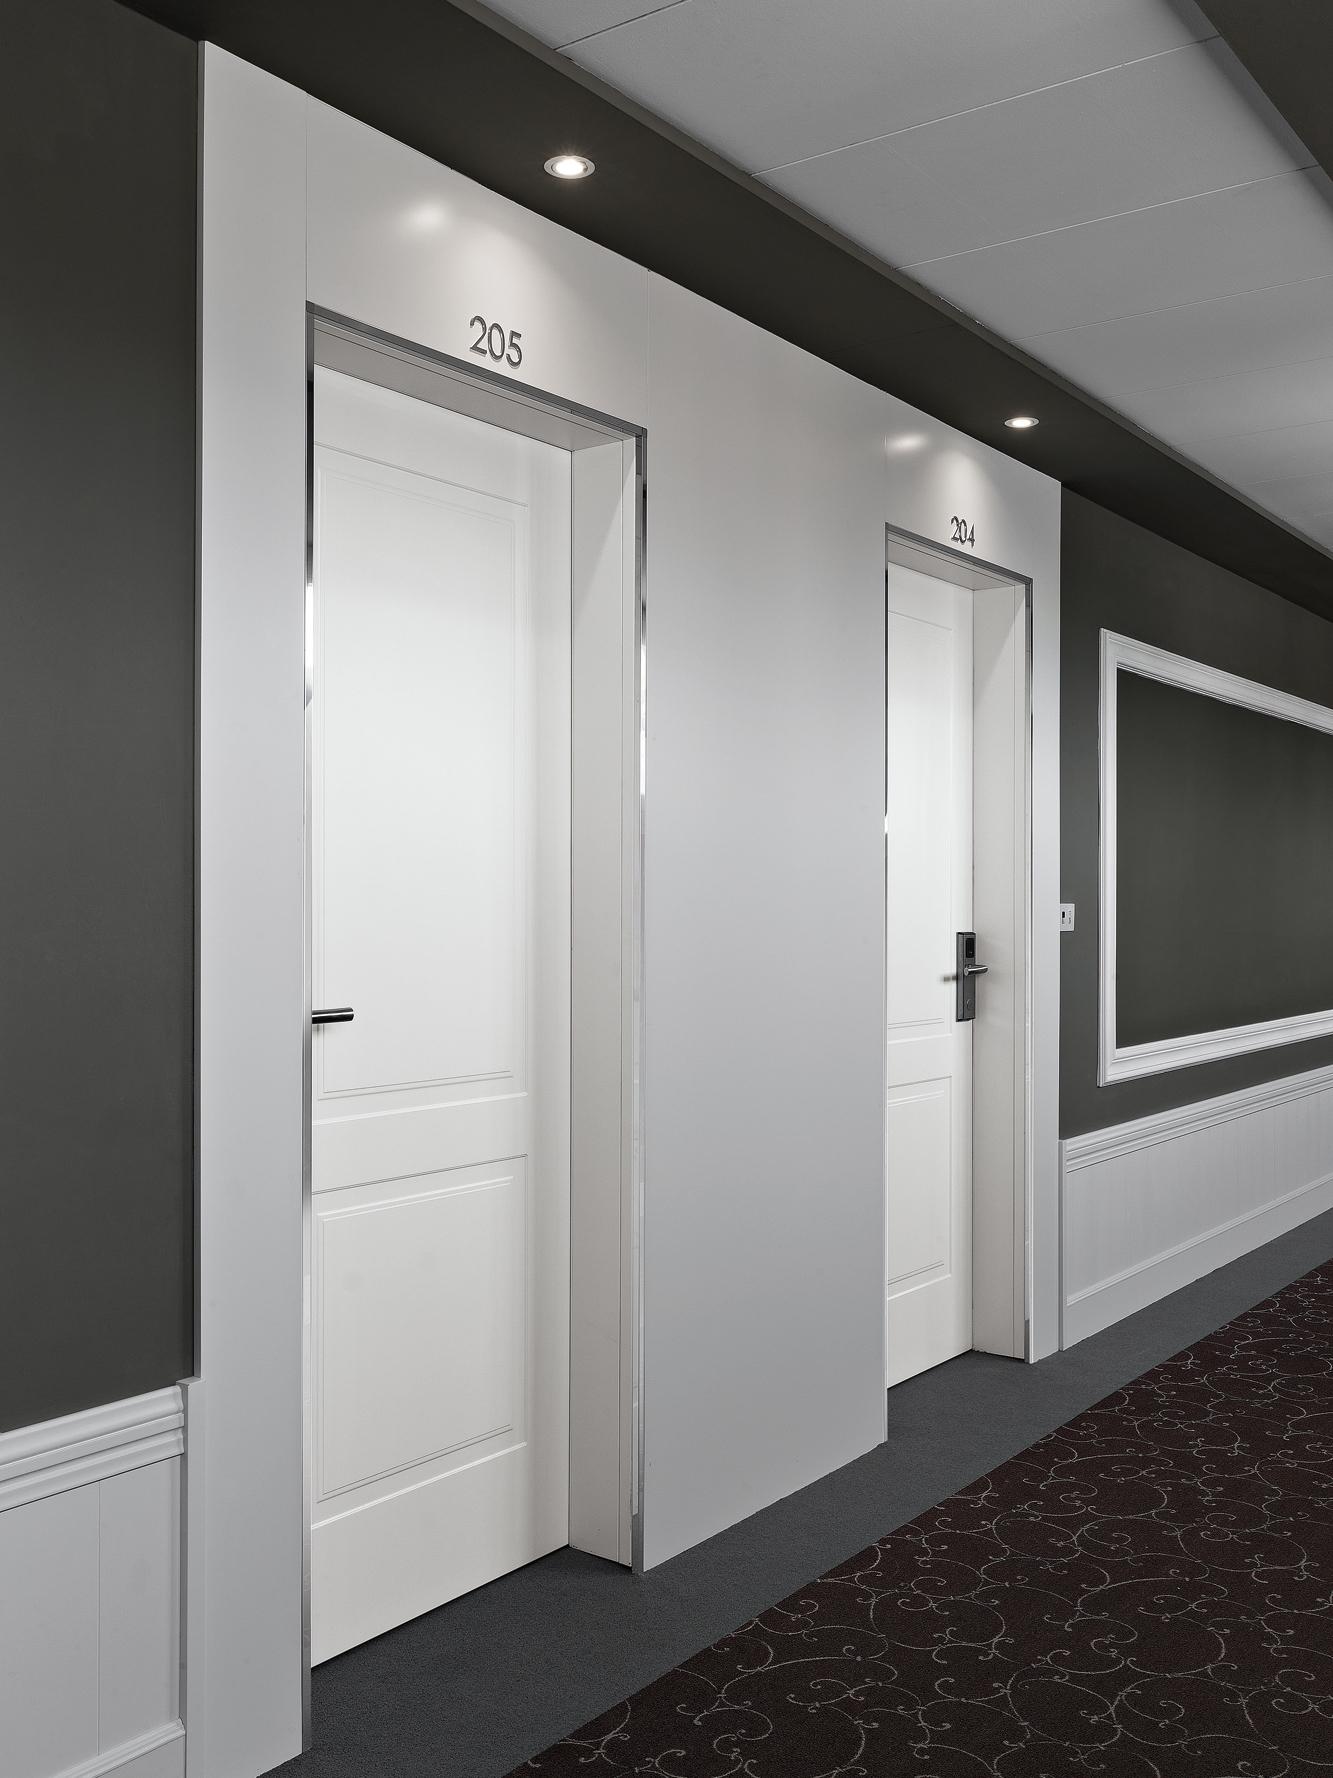 Dimensioni Porta Ingresso Casa vertaglia porte | porte interne per la casa, hotel e blindati